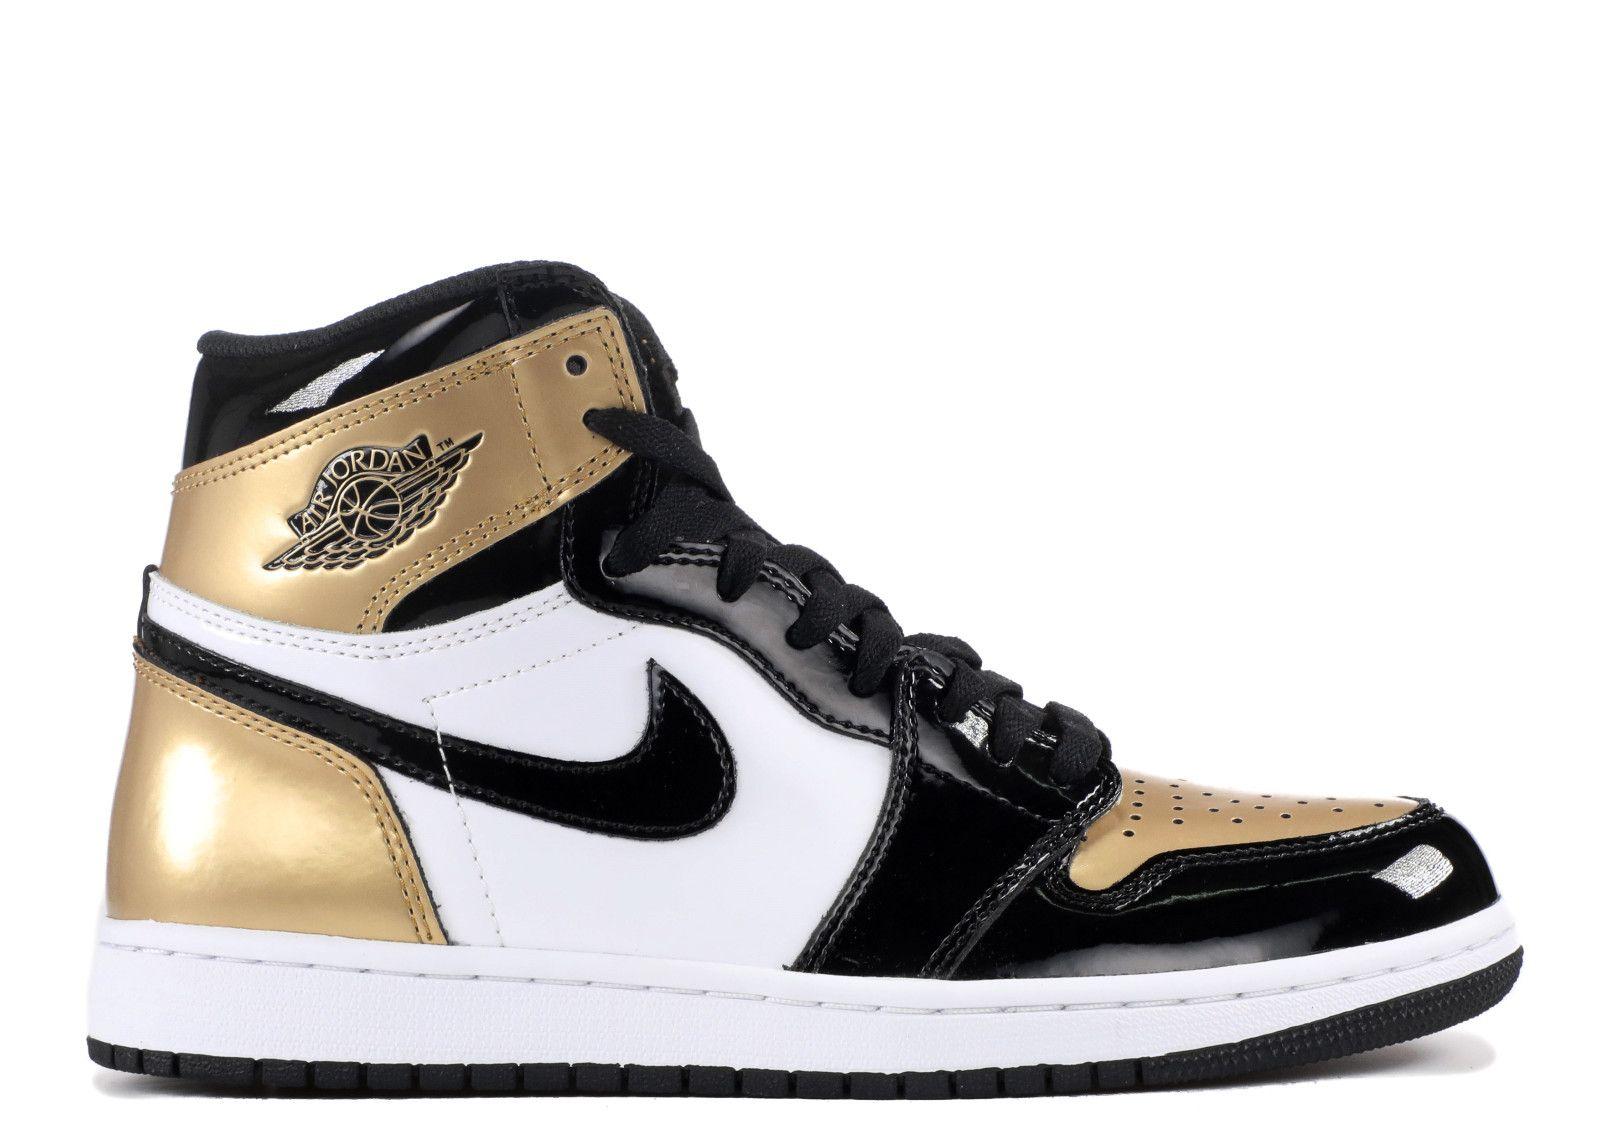 Air Jordan 1 oro